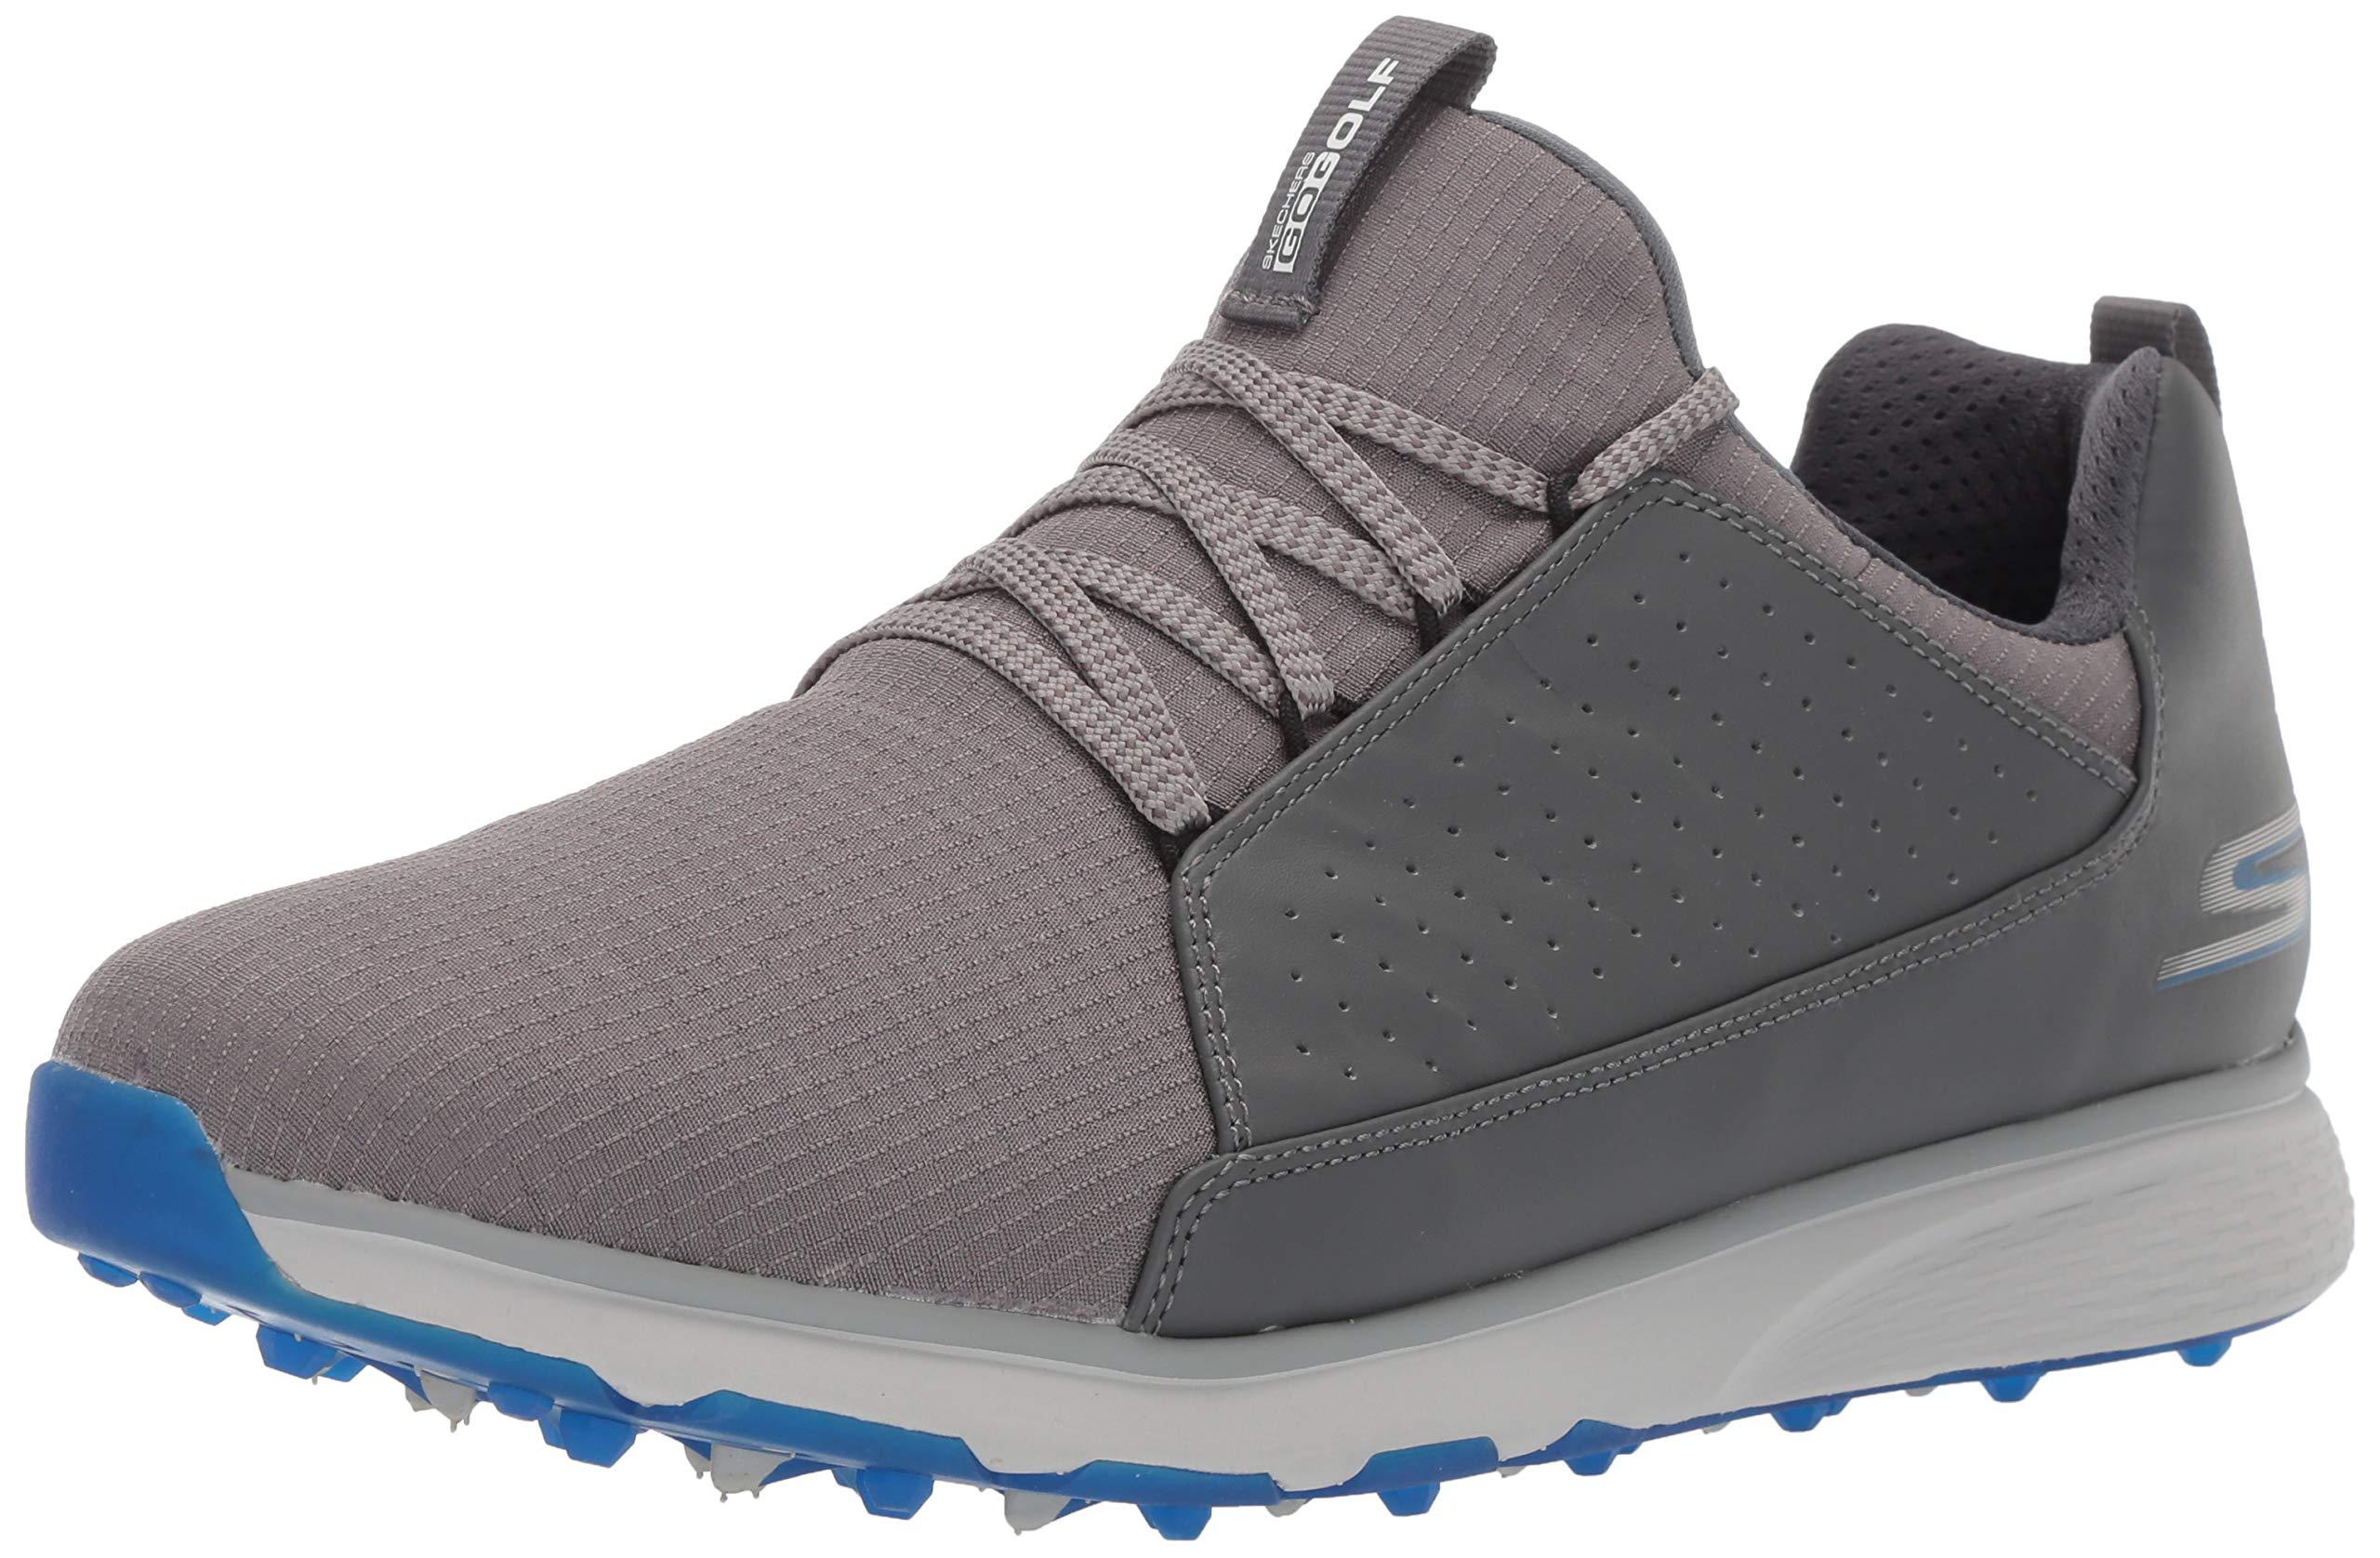 Skechers Men's Mojo Waterproof Golf Shoe, Charcoal/Blue Textile, 13 M US by Skechers